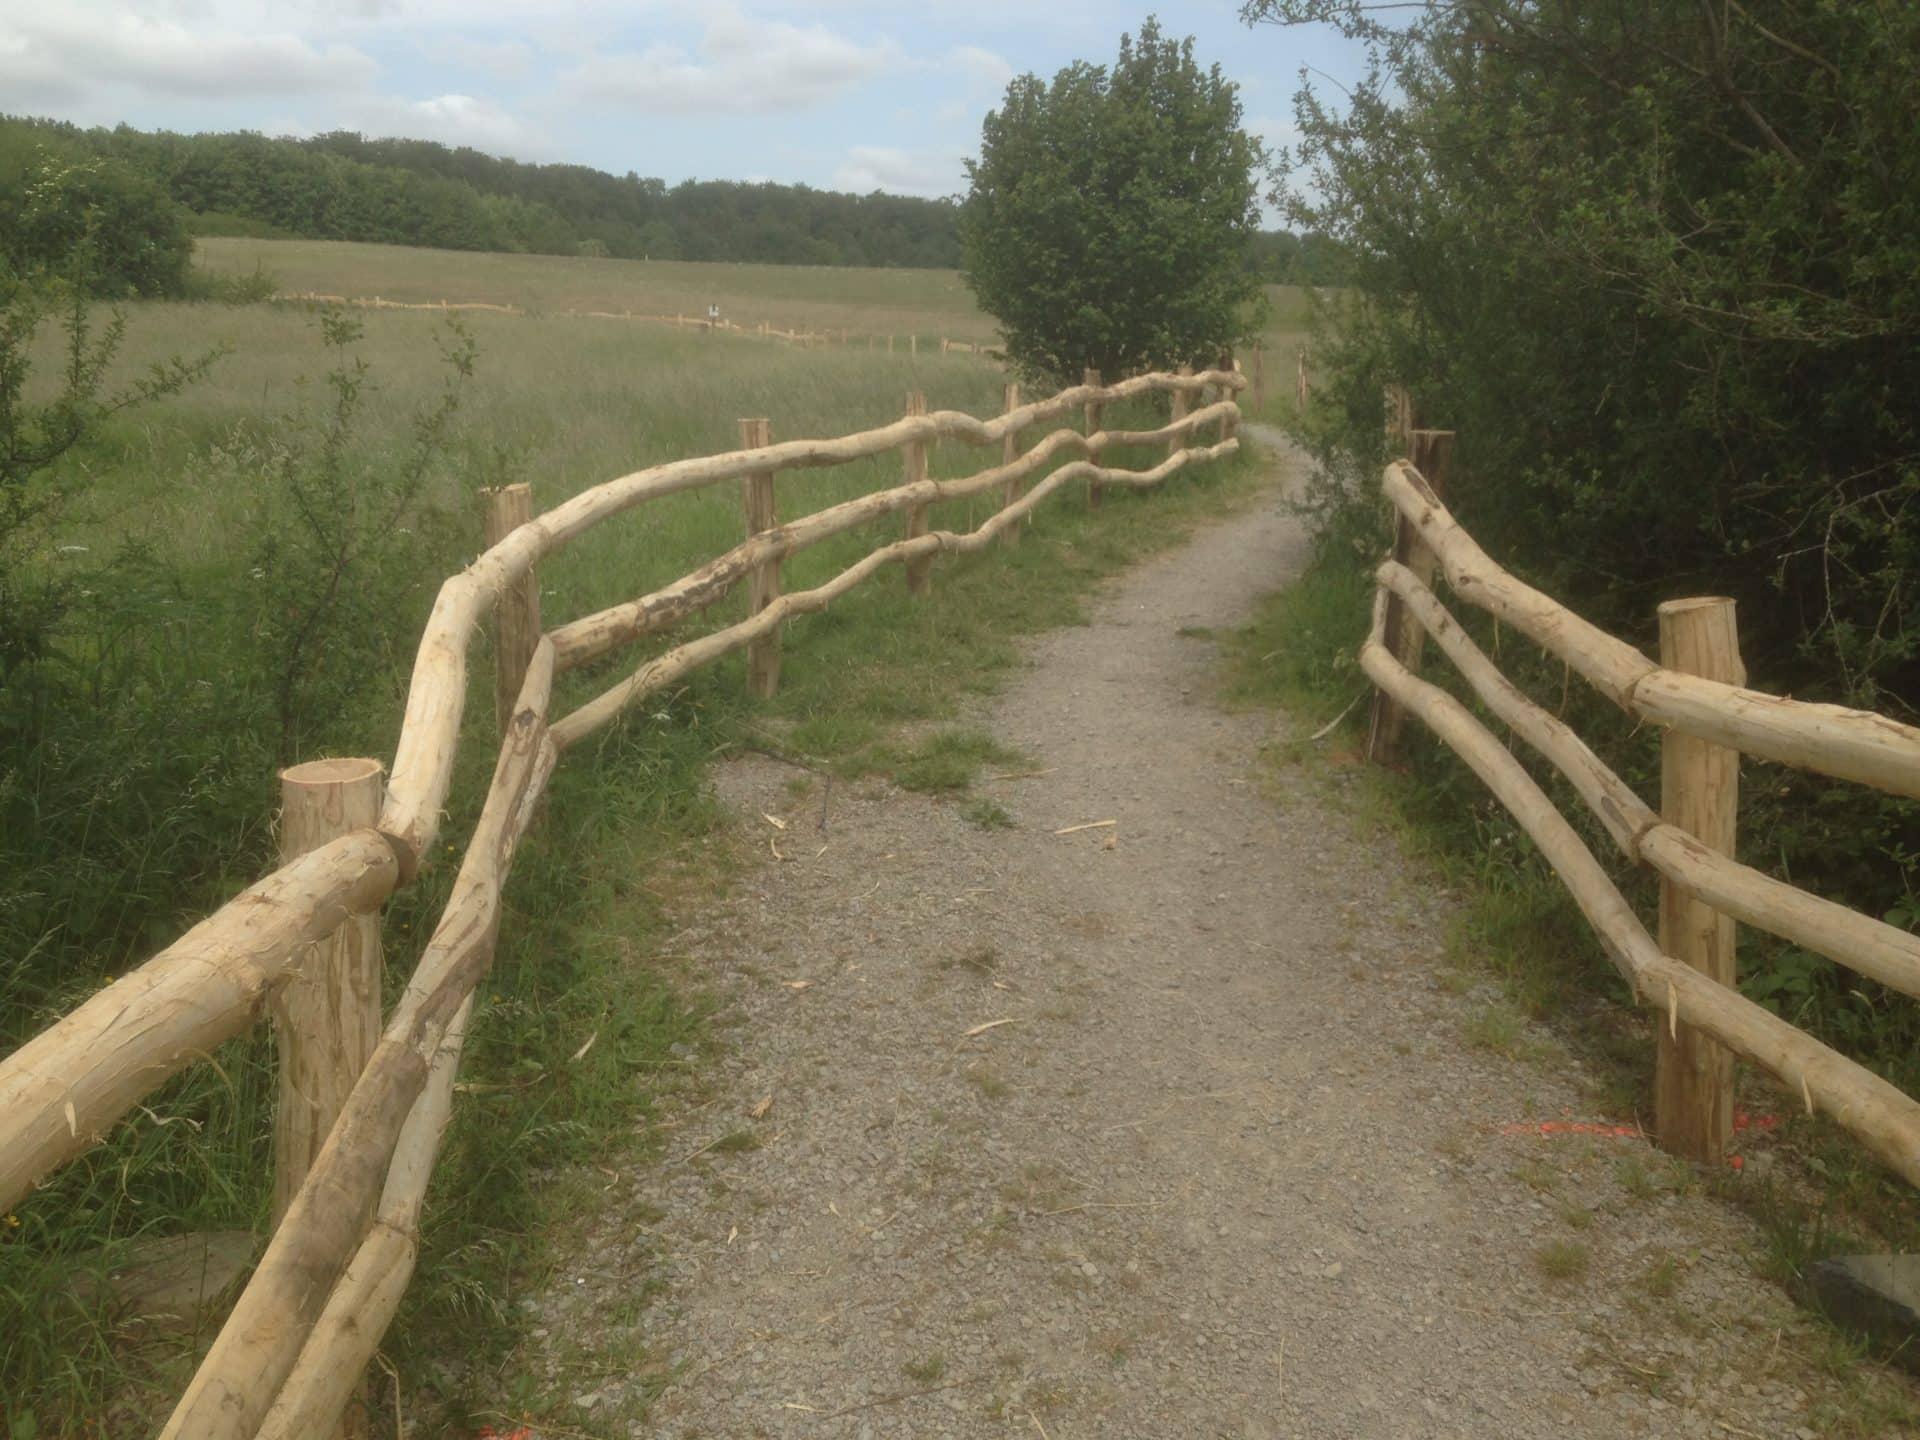 Schutzzaun für Wanderweg im Naturschutzgebiet